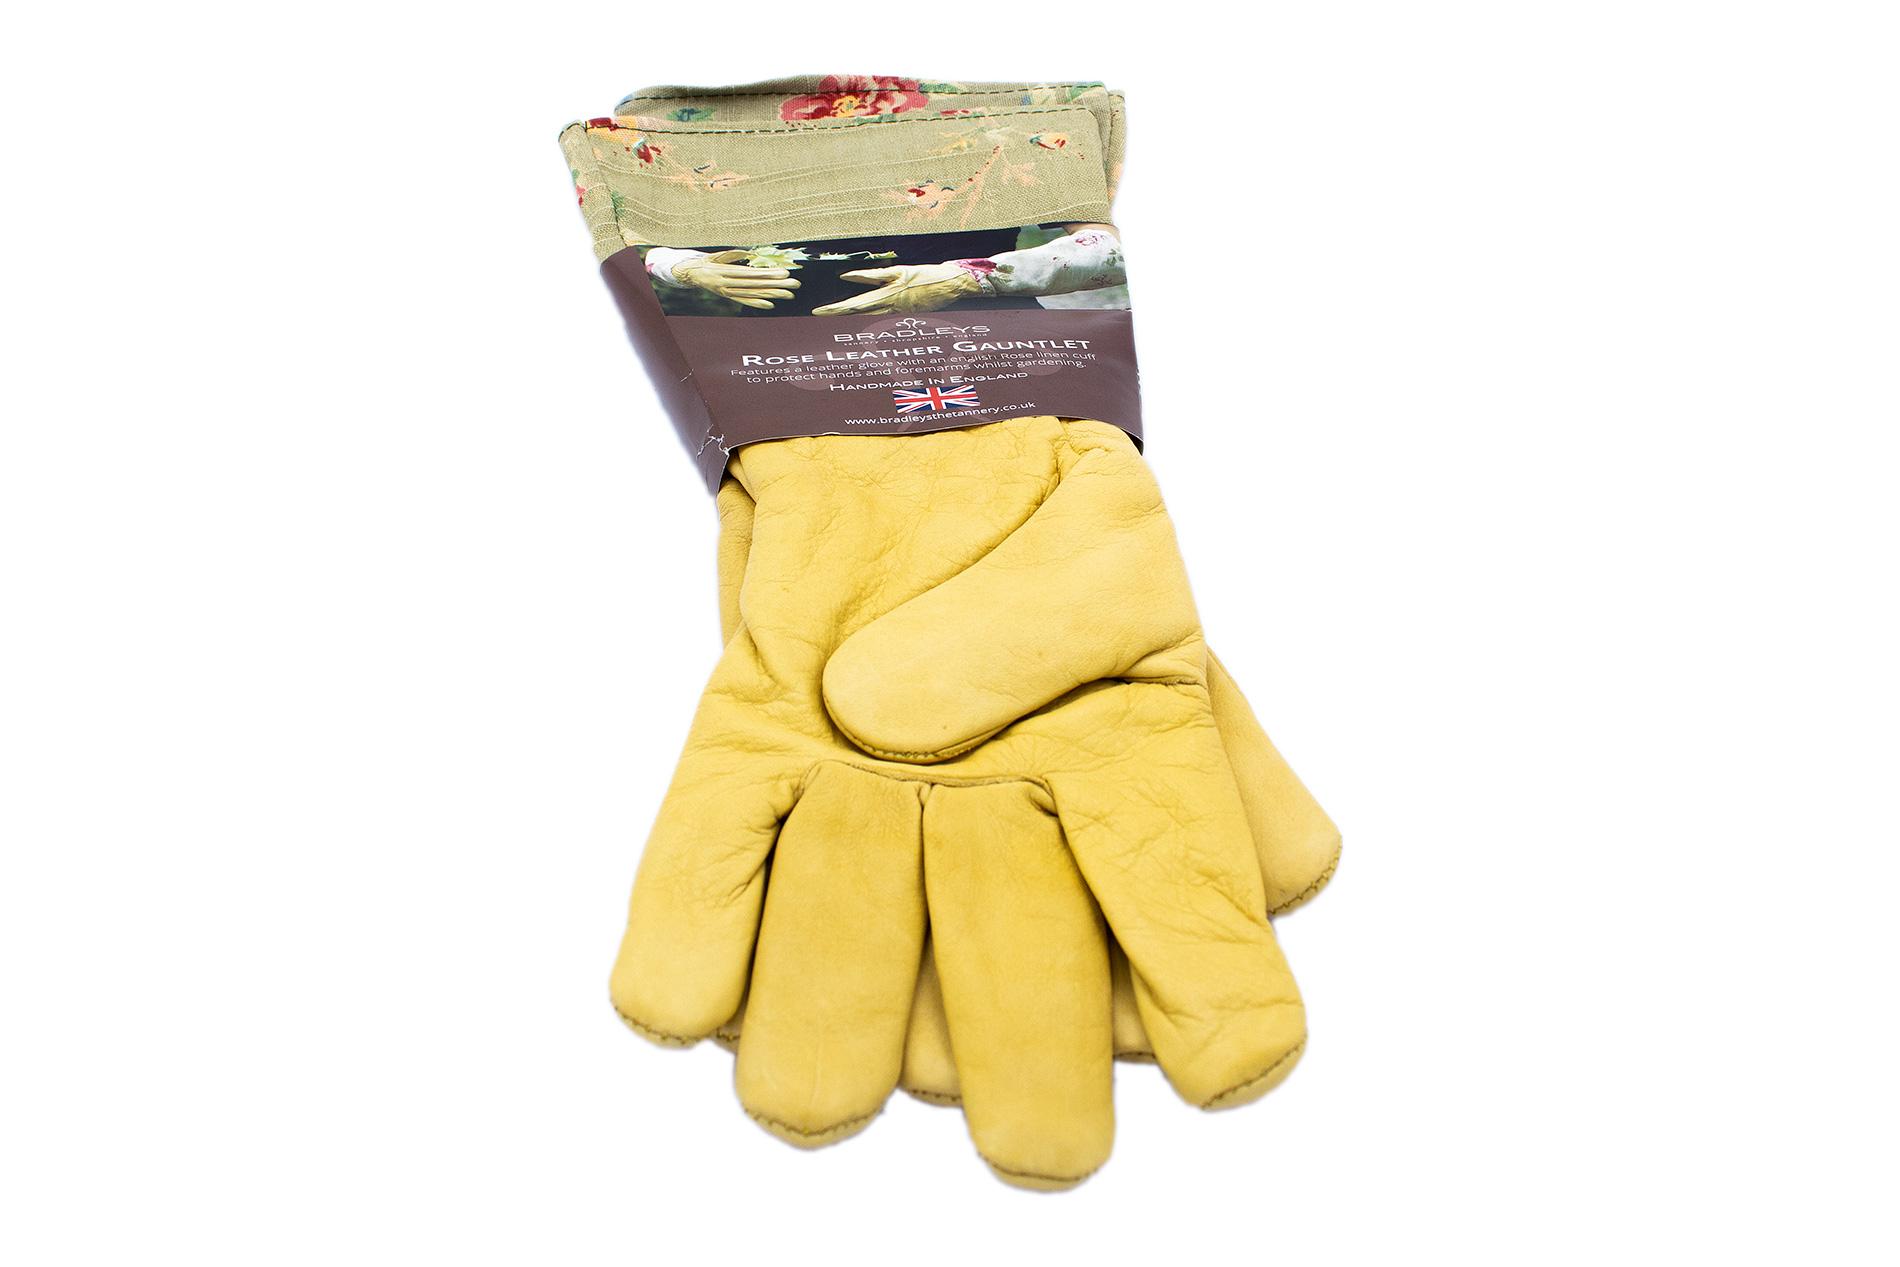 BRADLEYS Gartenhandschuhe lang, Leinen Rose grün, Gr. L (Hand Leder ocker)